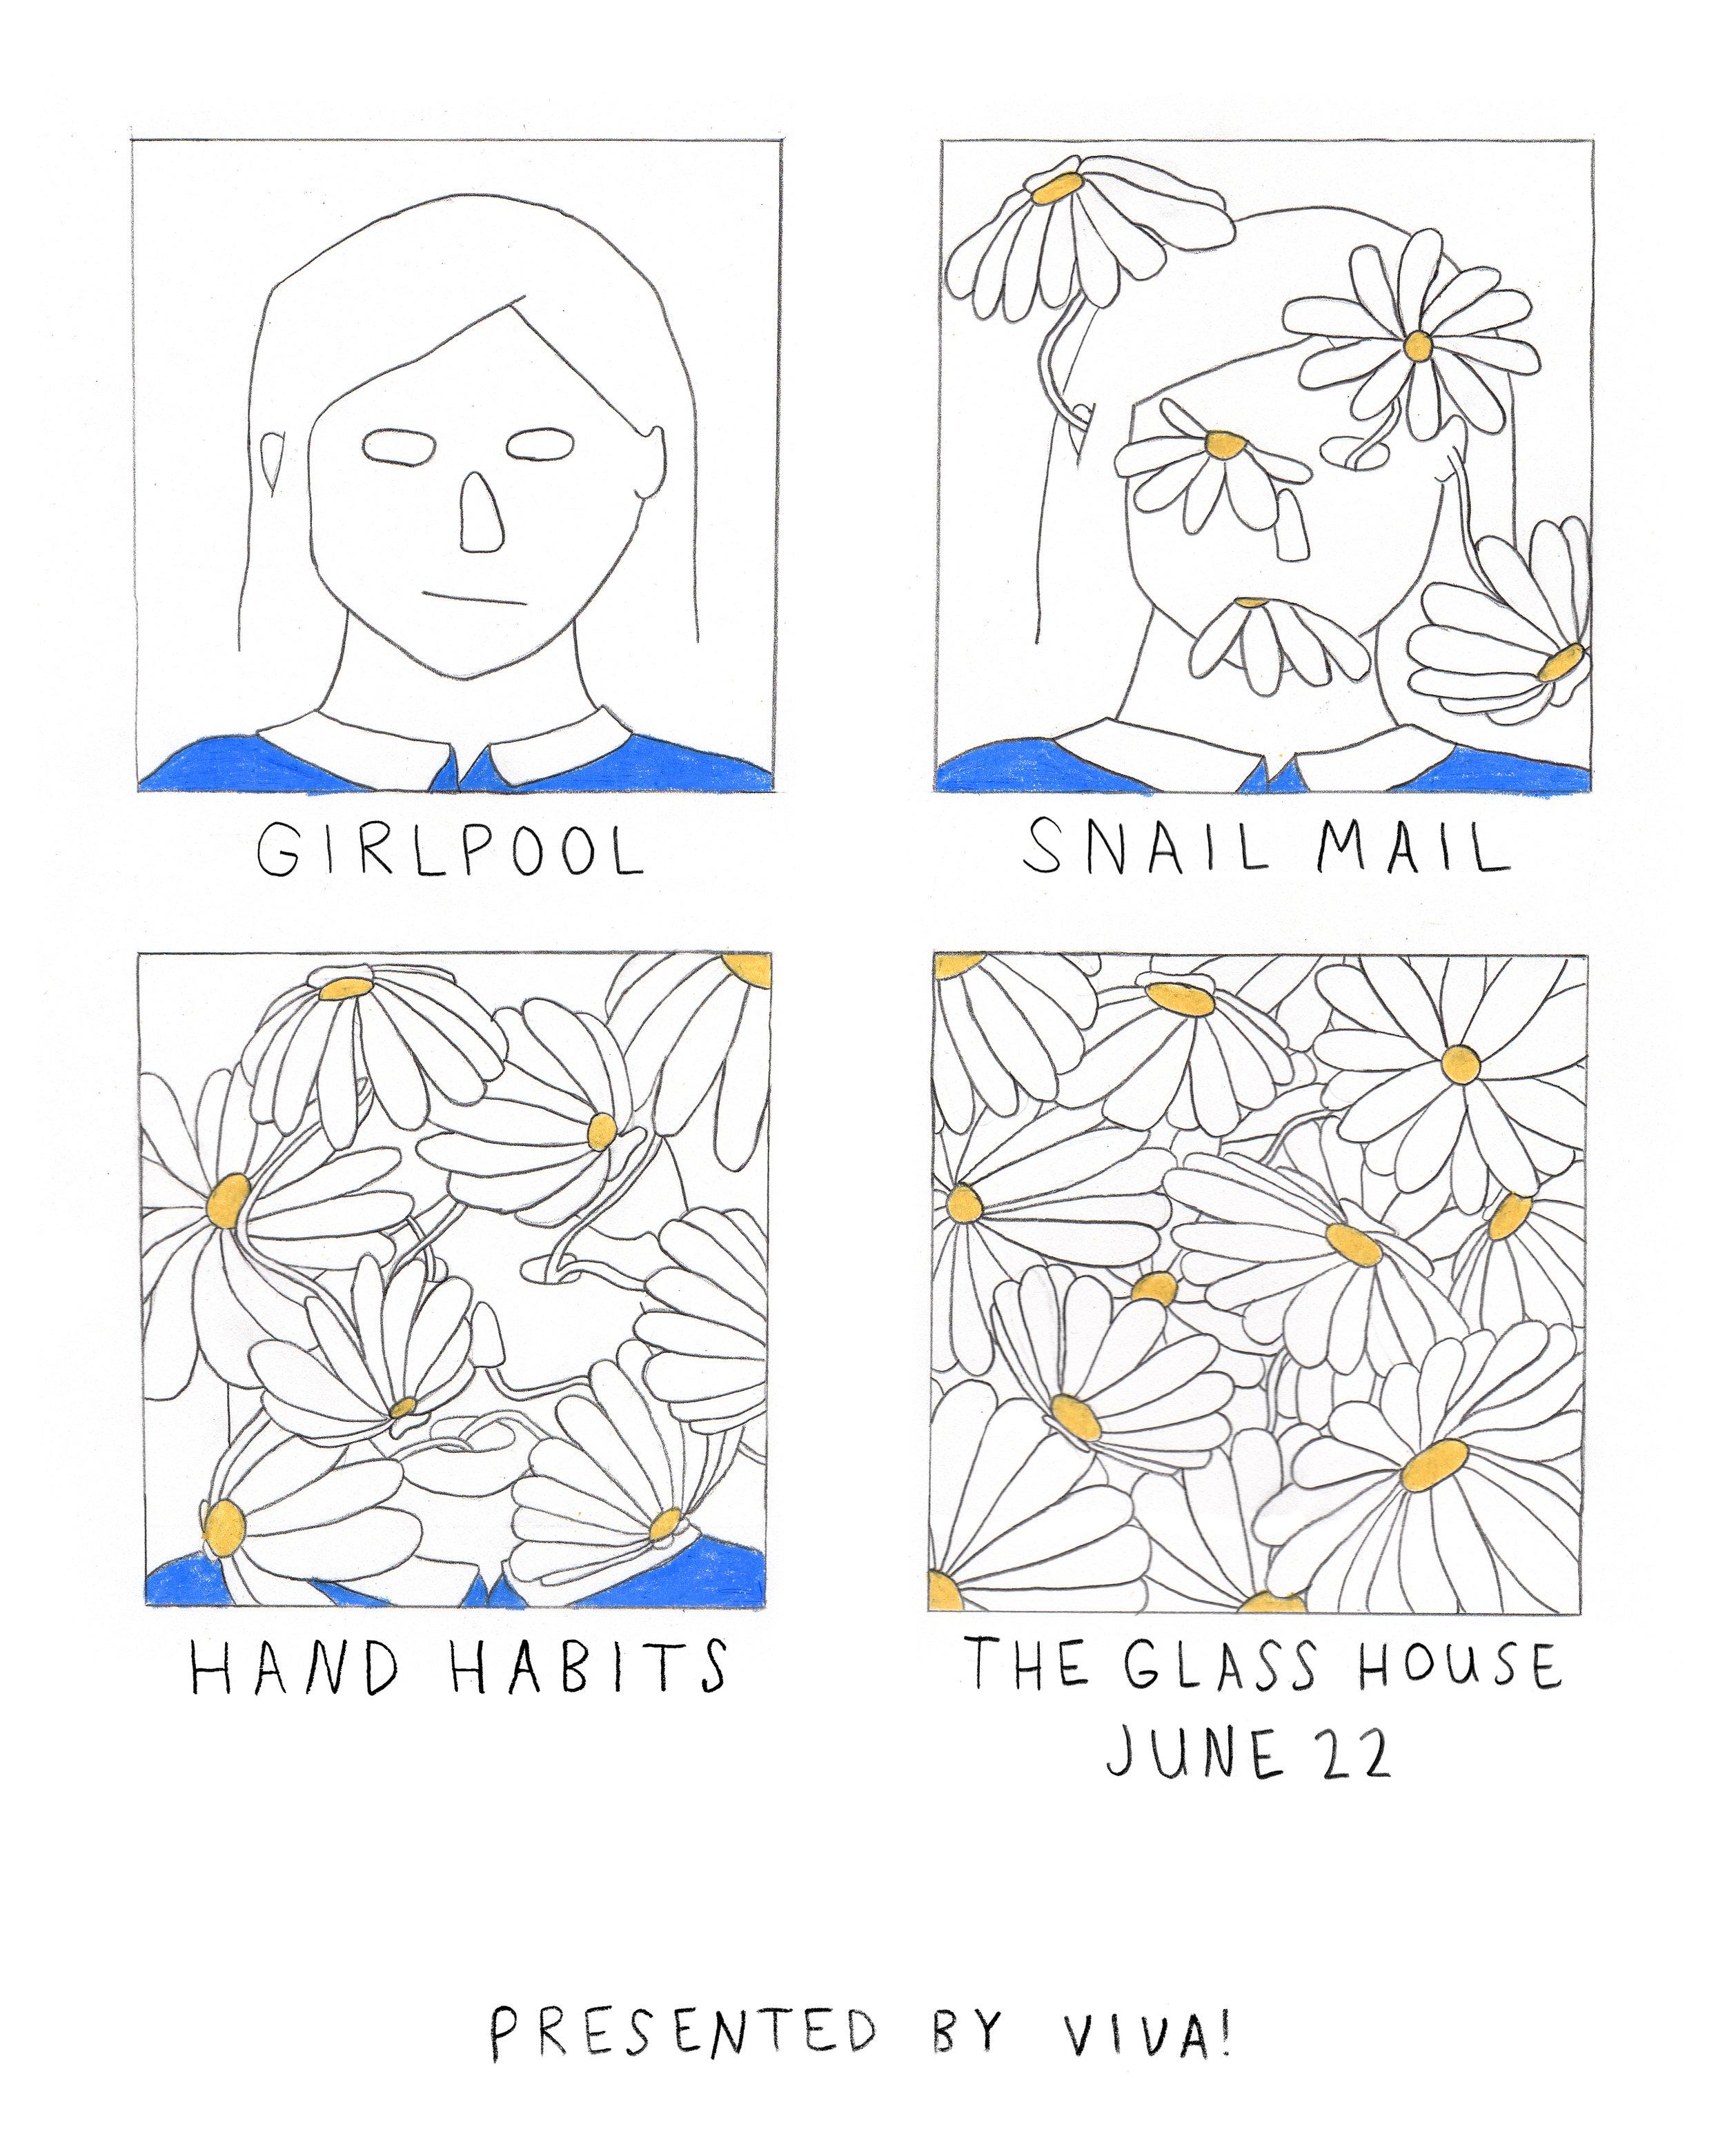 Poster for Viva! / Girlpool